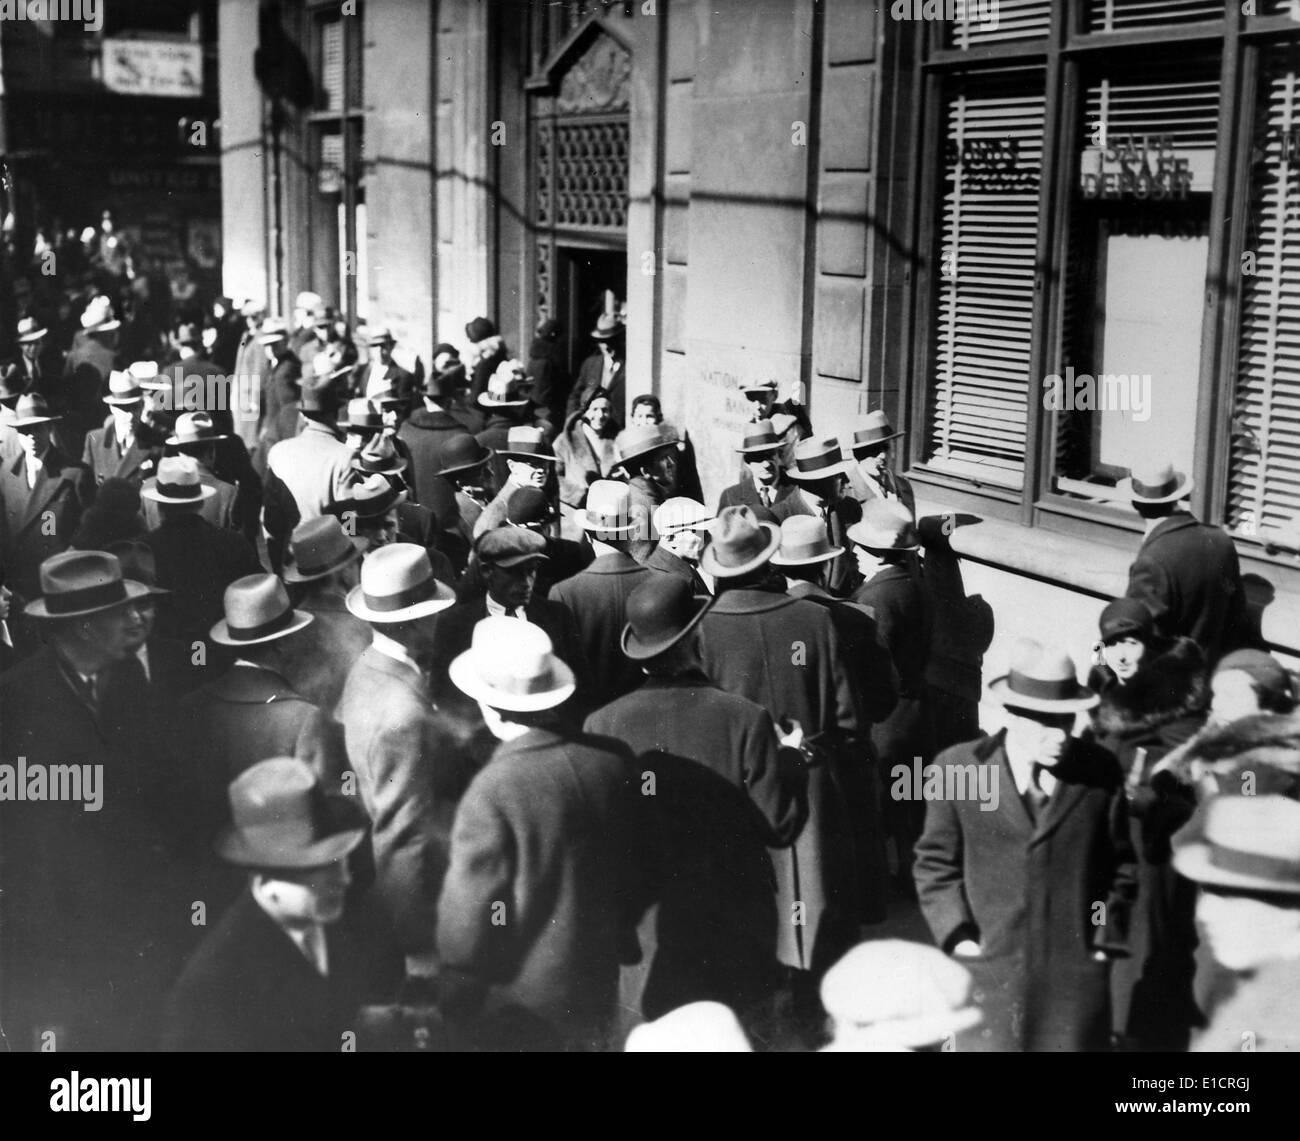 La Grande depressione. Gli uomini sulla strada durante una banca run. Immagini Stock